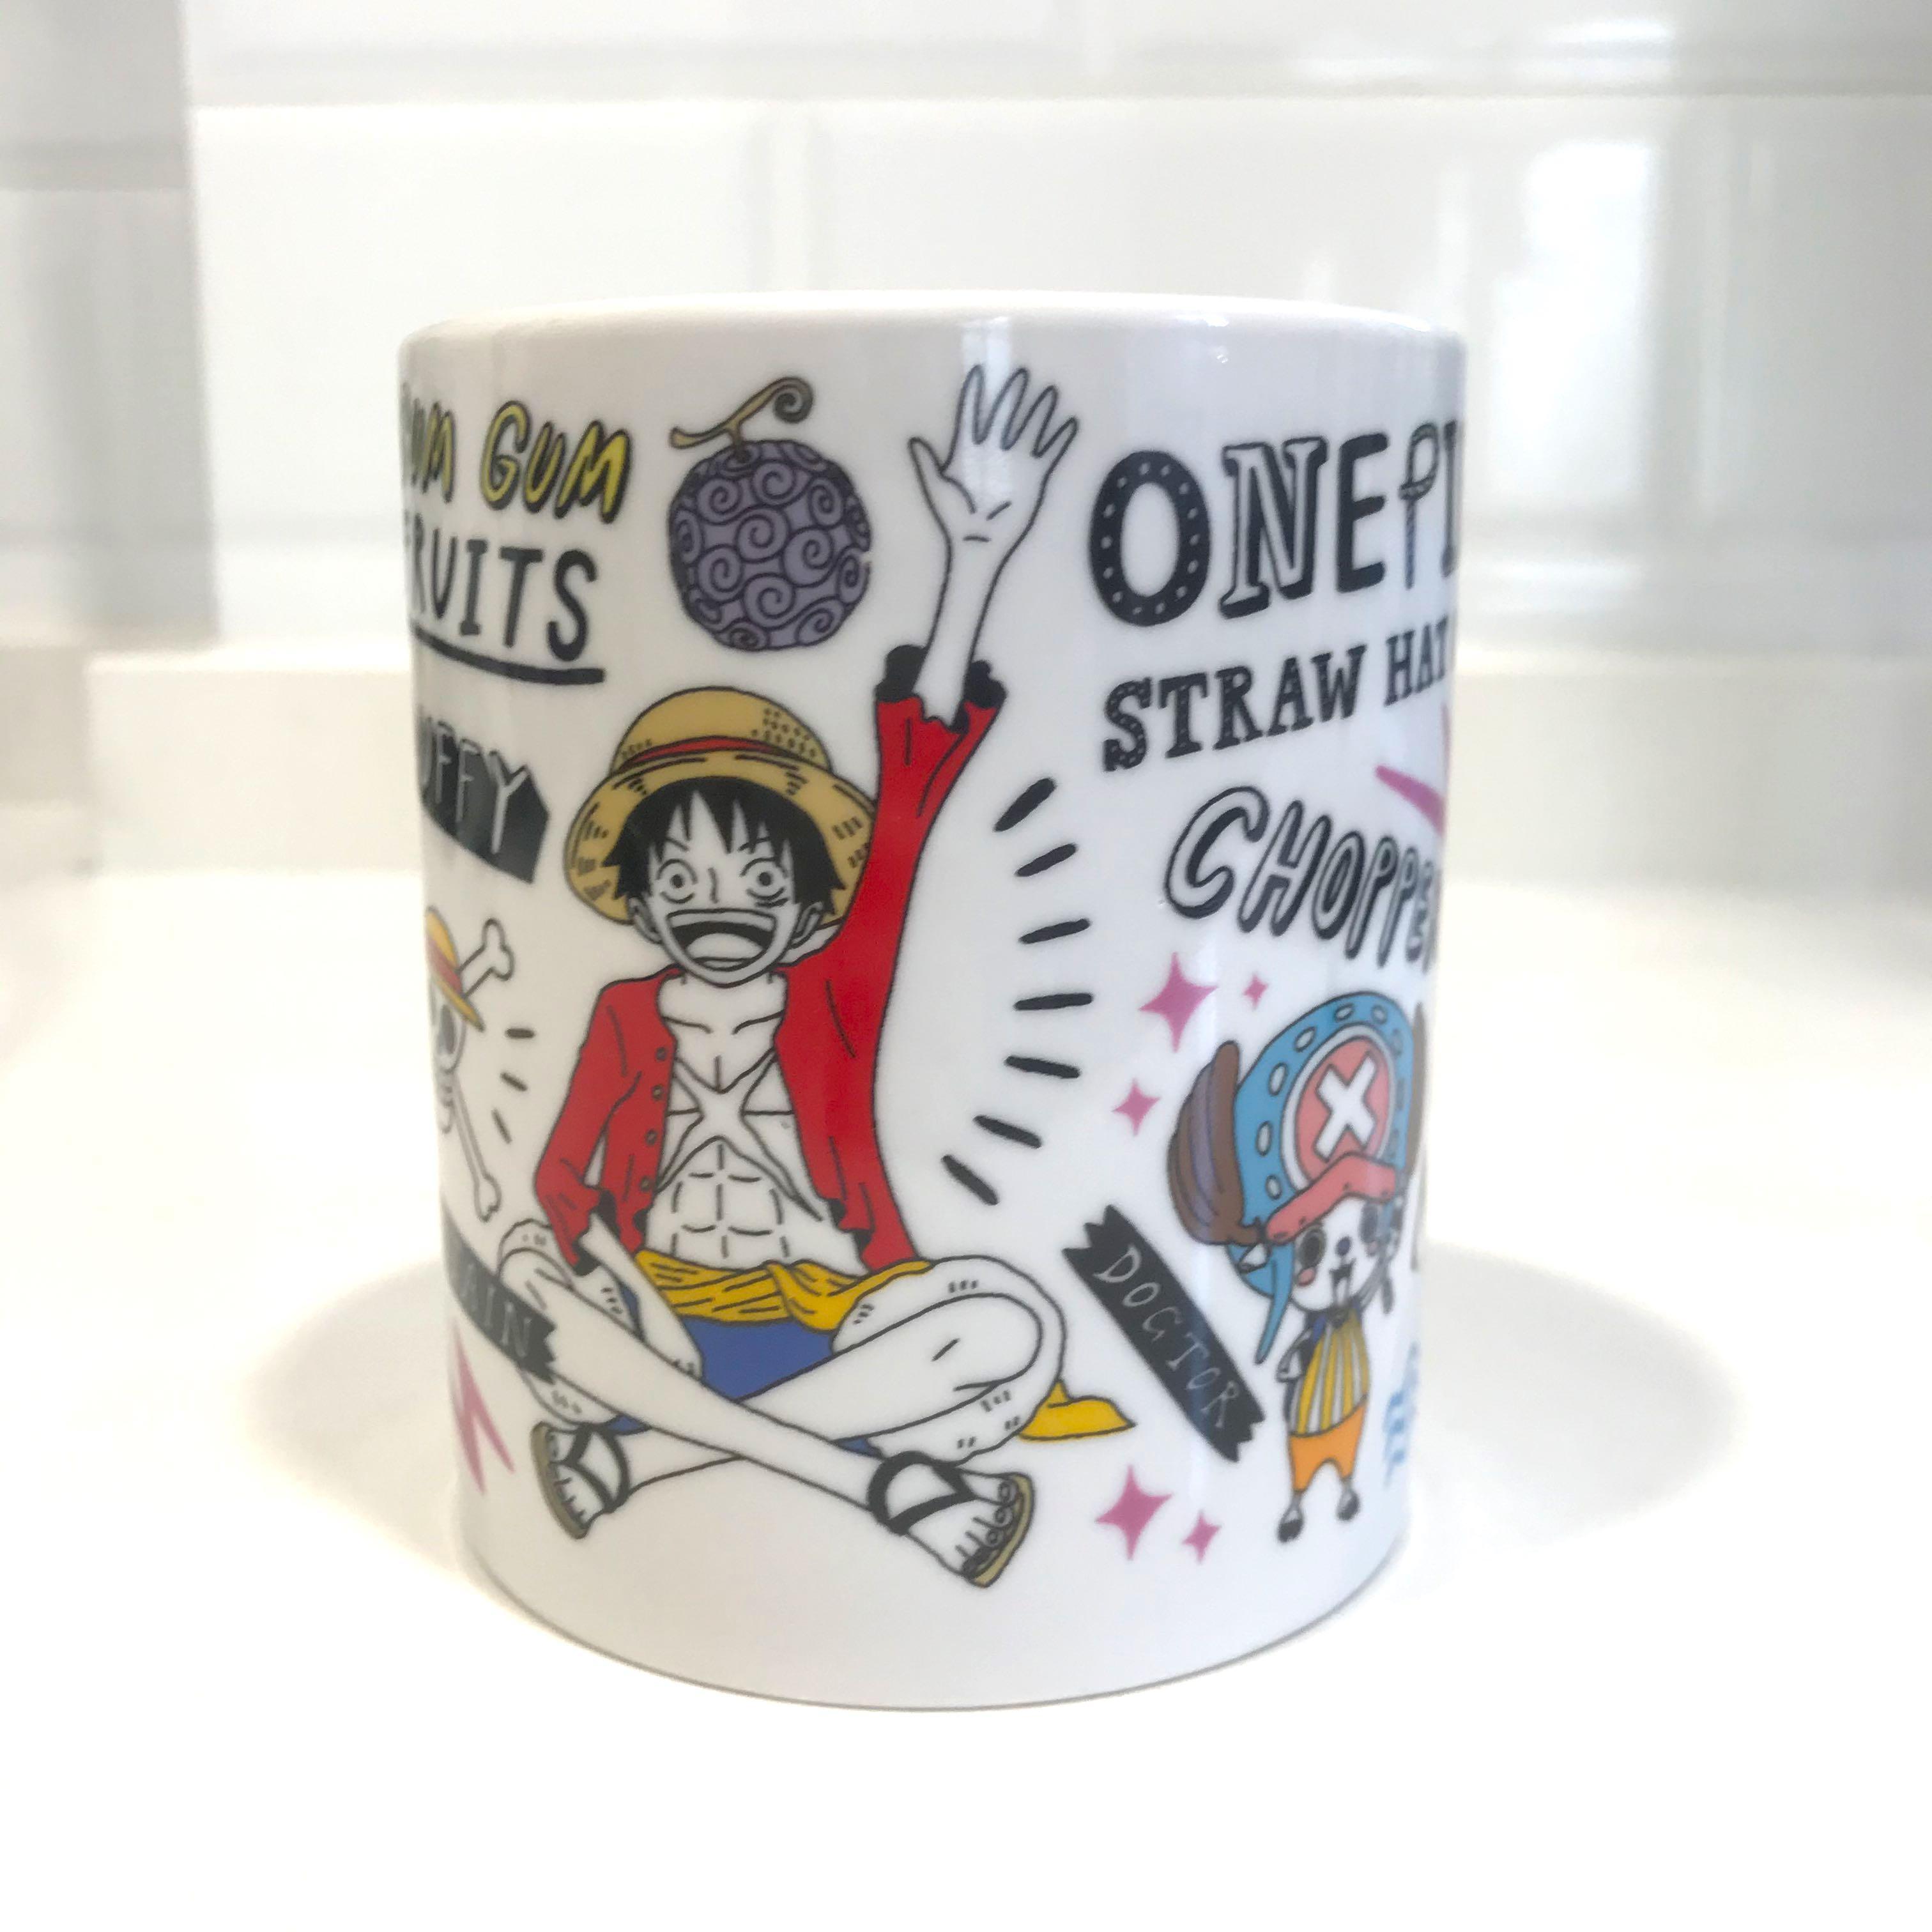 海賊王 One piece 水杯 Coffee Mug Cup  #CentralGaifong